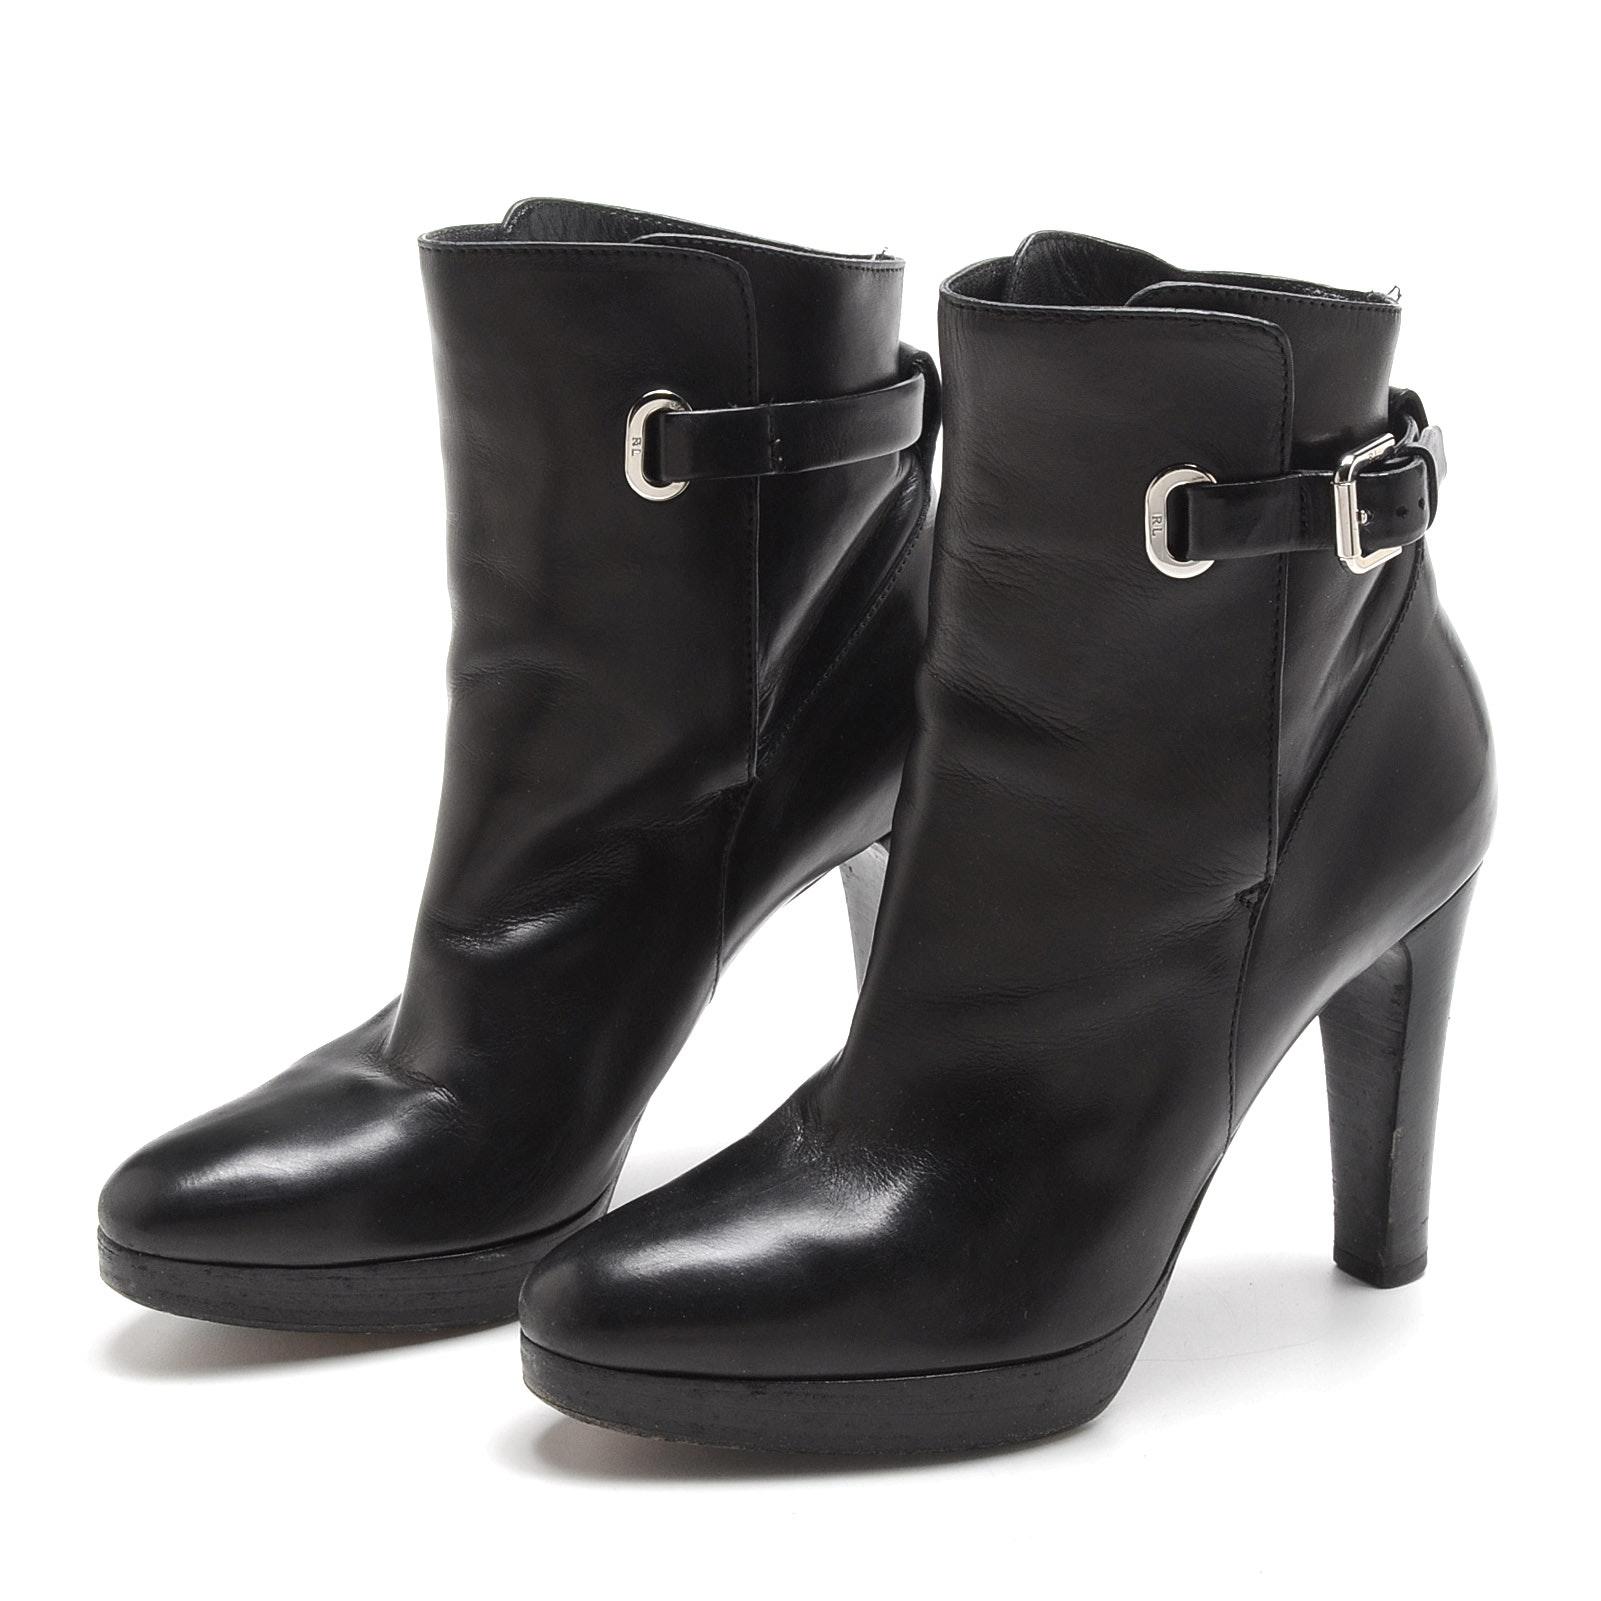 Pair of Ralph Lauren Collection Black Lambskin Leather Platform Booties